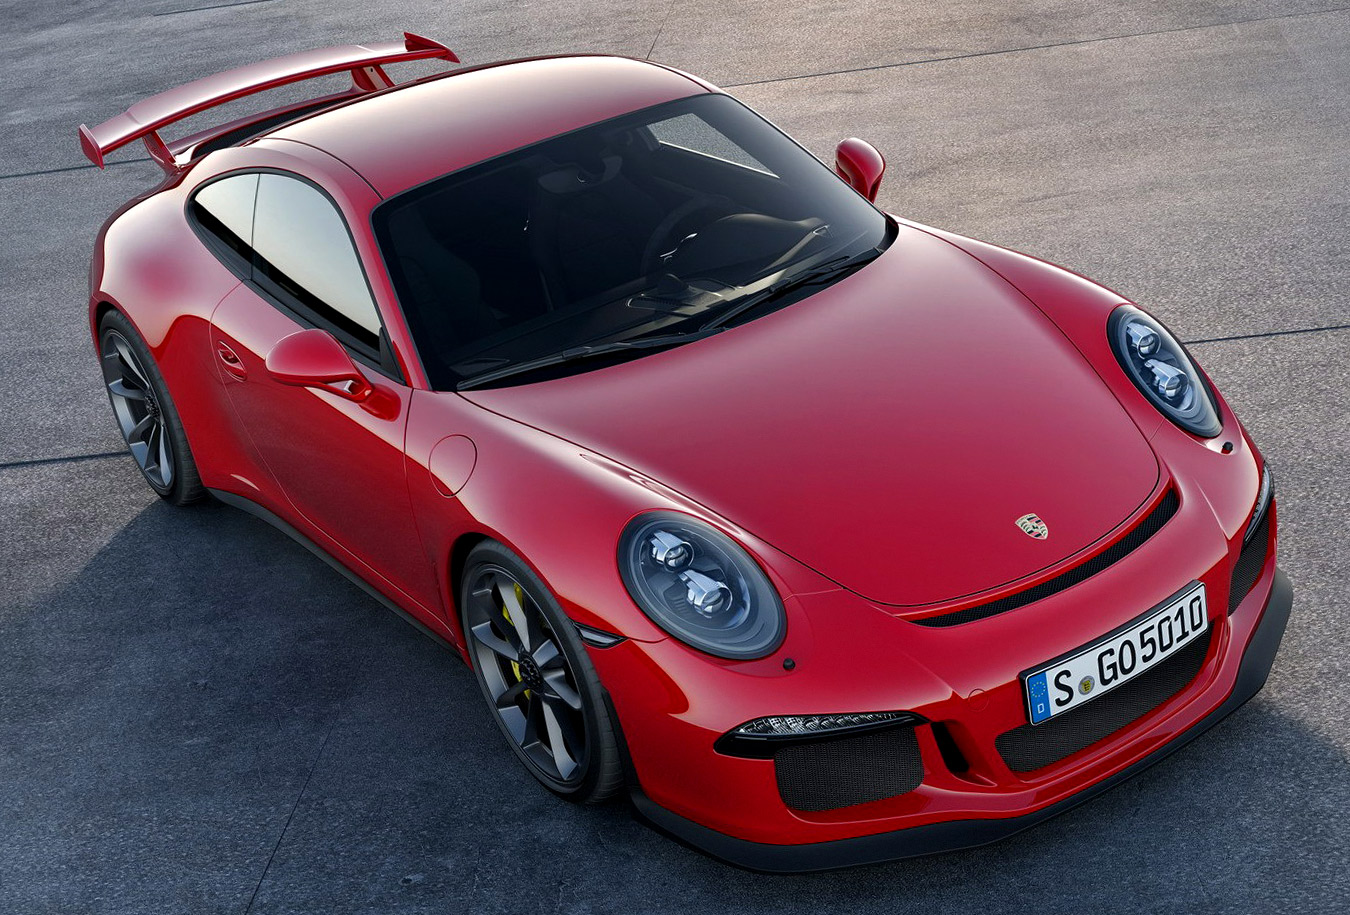 http://www.diseno-art.com/news_content/wp-content/uploads/2013/03/Porsche-991-GT3-1.jpg